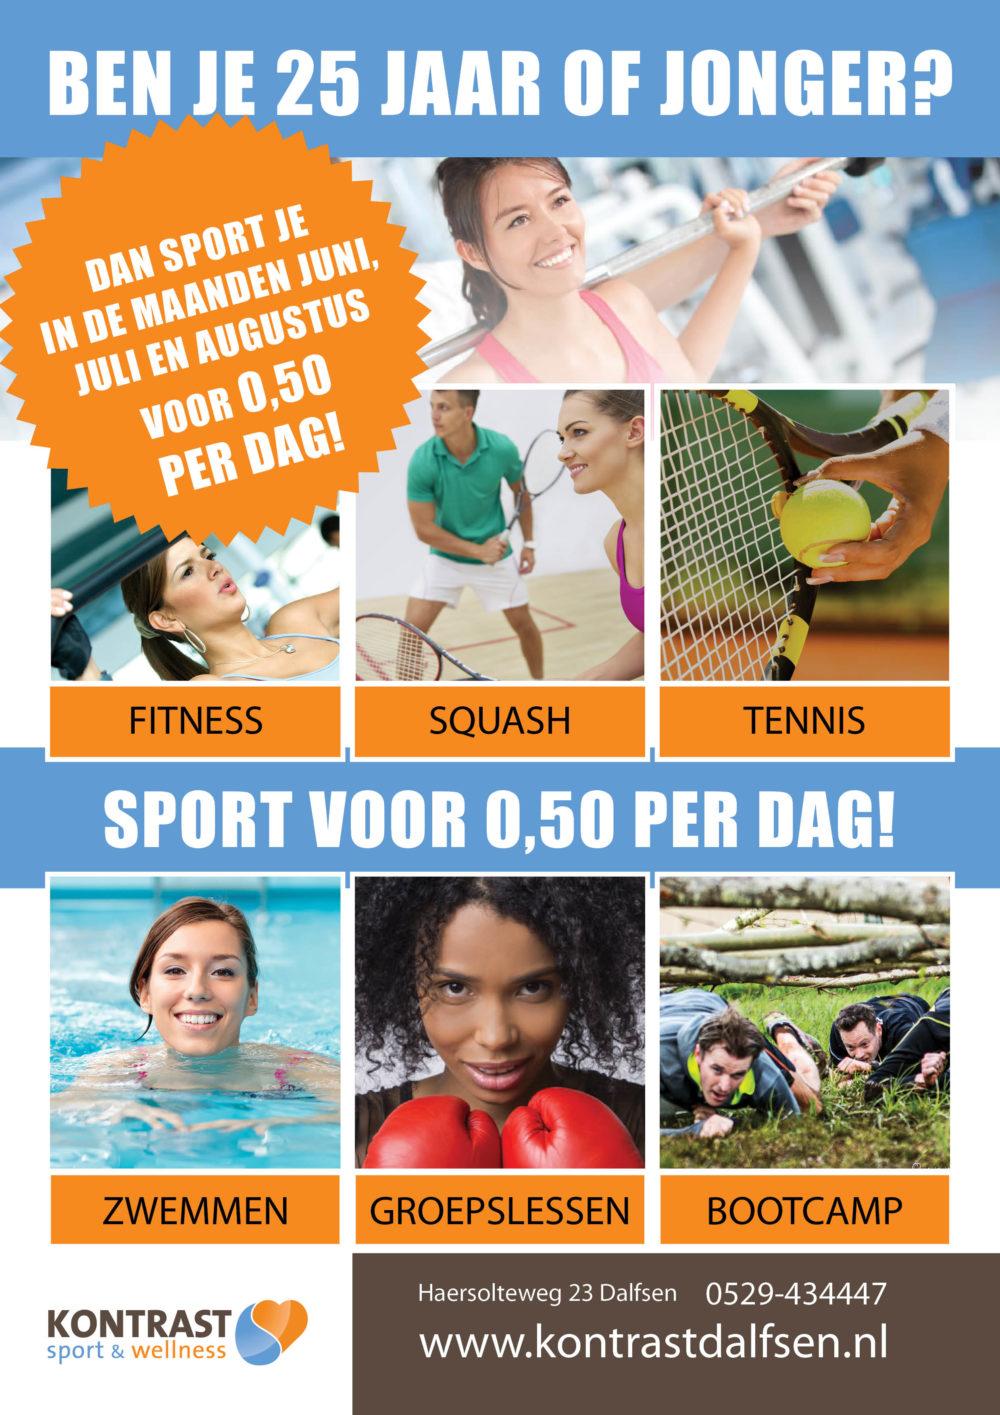 180530 sport voor 50 cent per dag